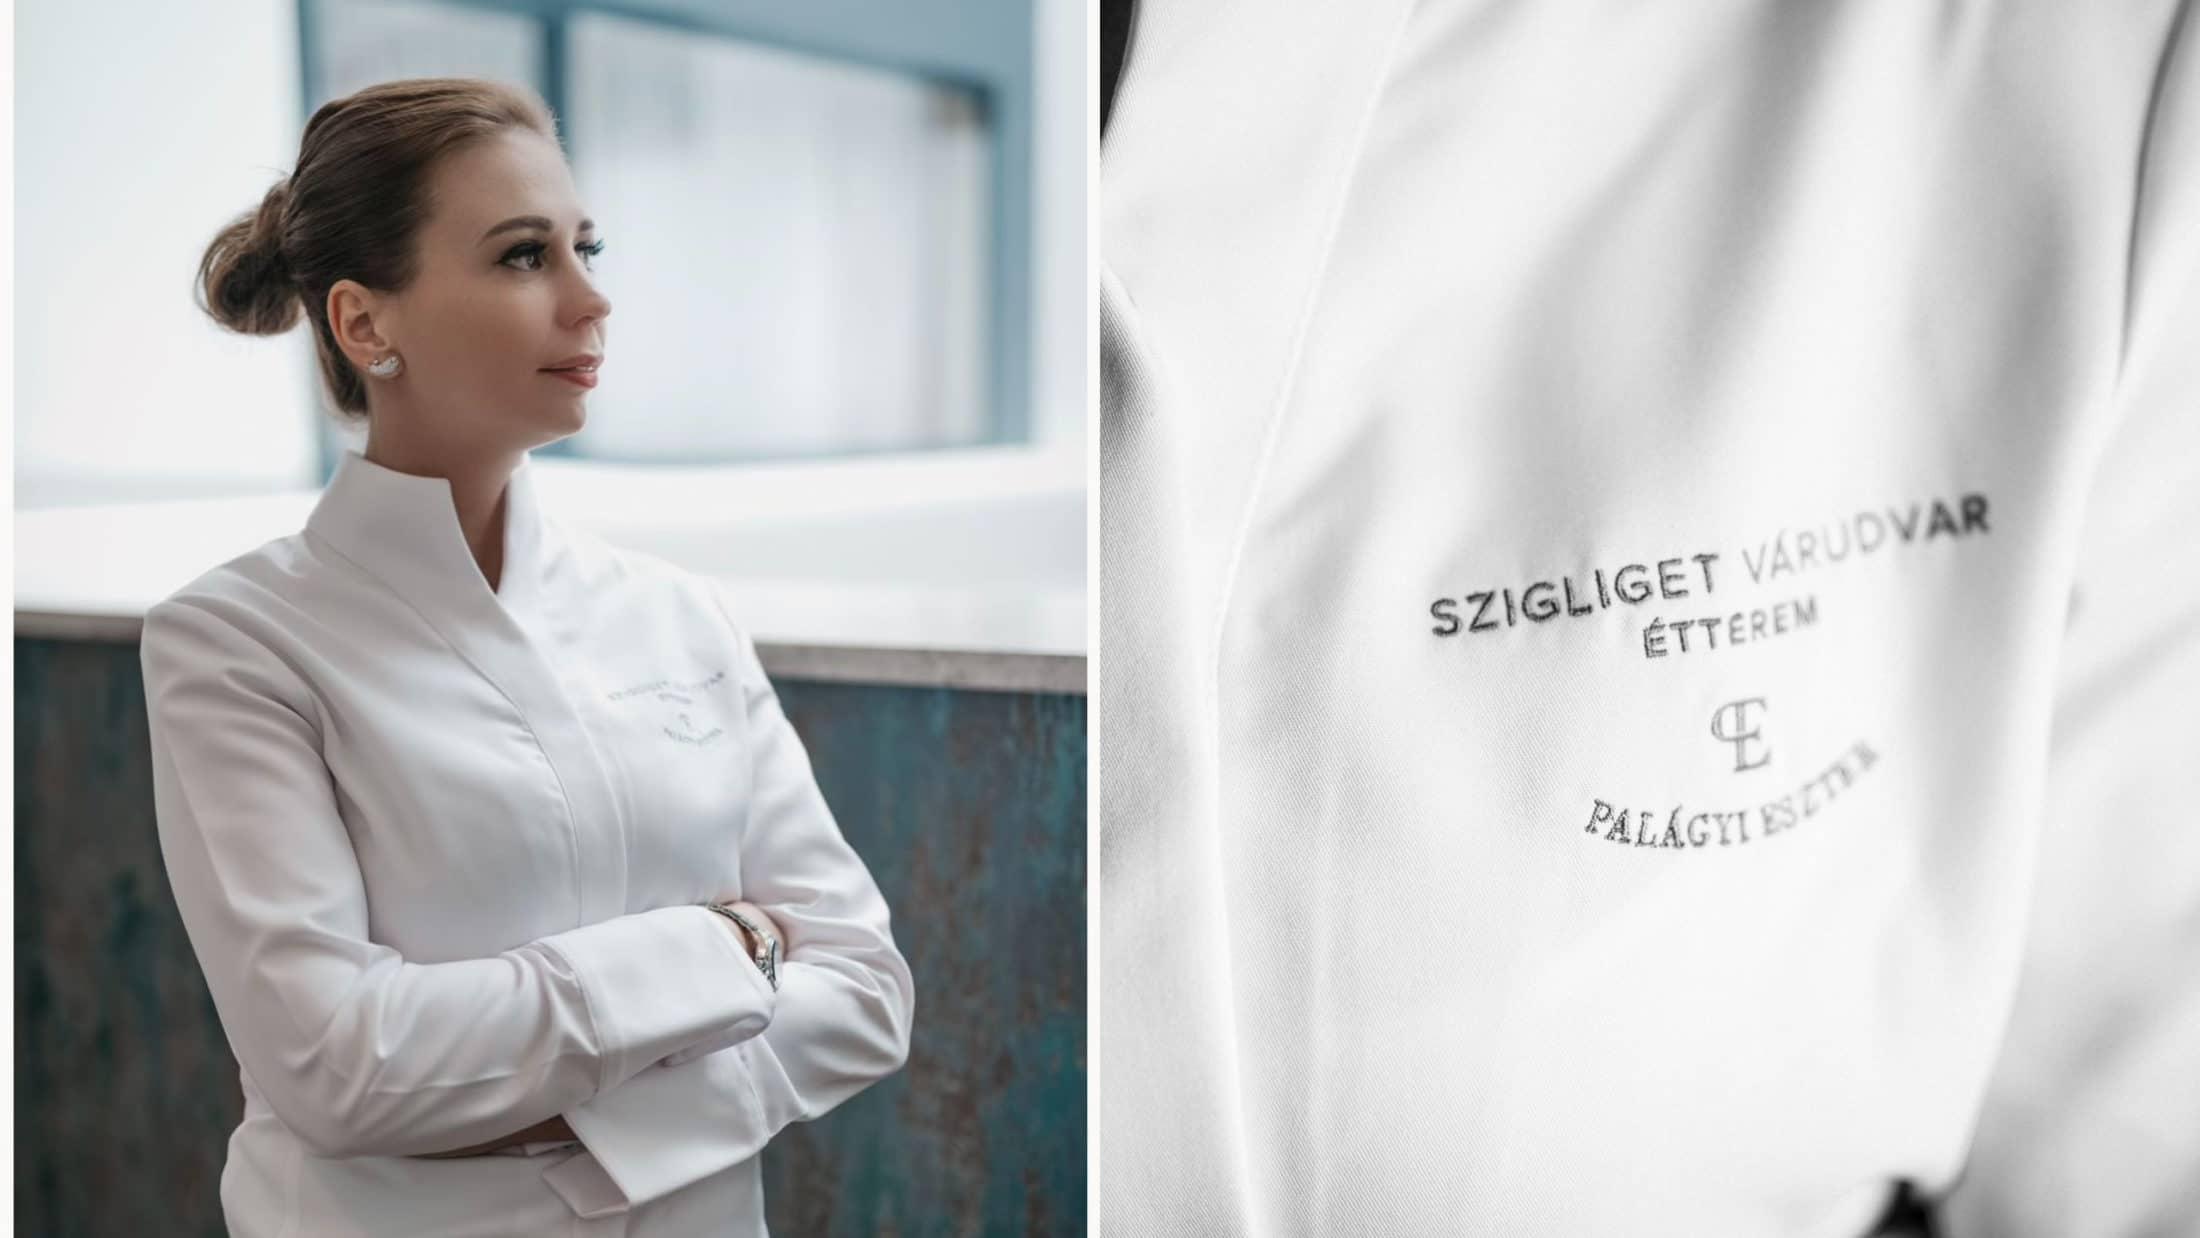 Exkluzív: Palágyi Eszter a nevét viselő étteremben, nem Budapesten folytatja – Interjú a séffel